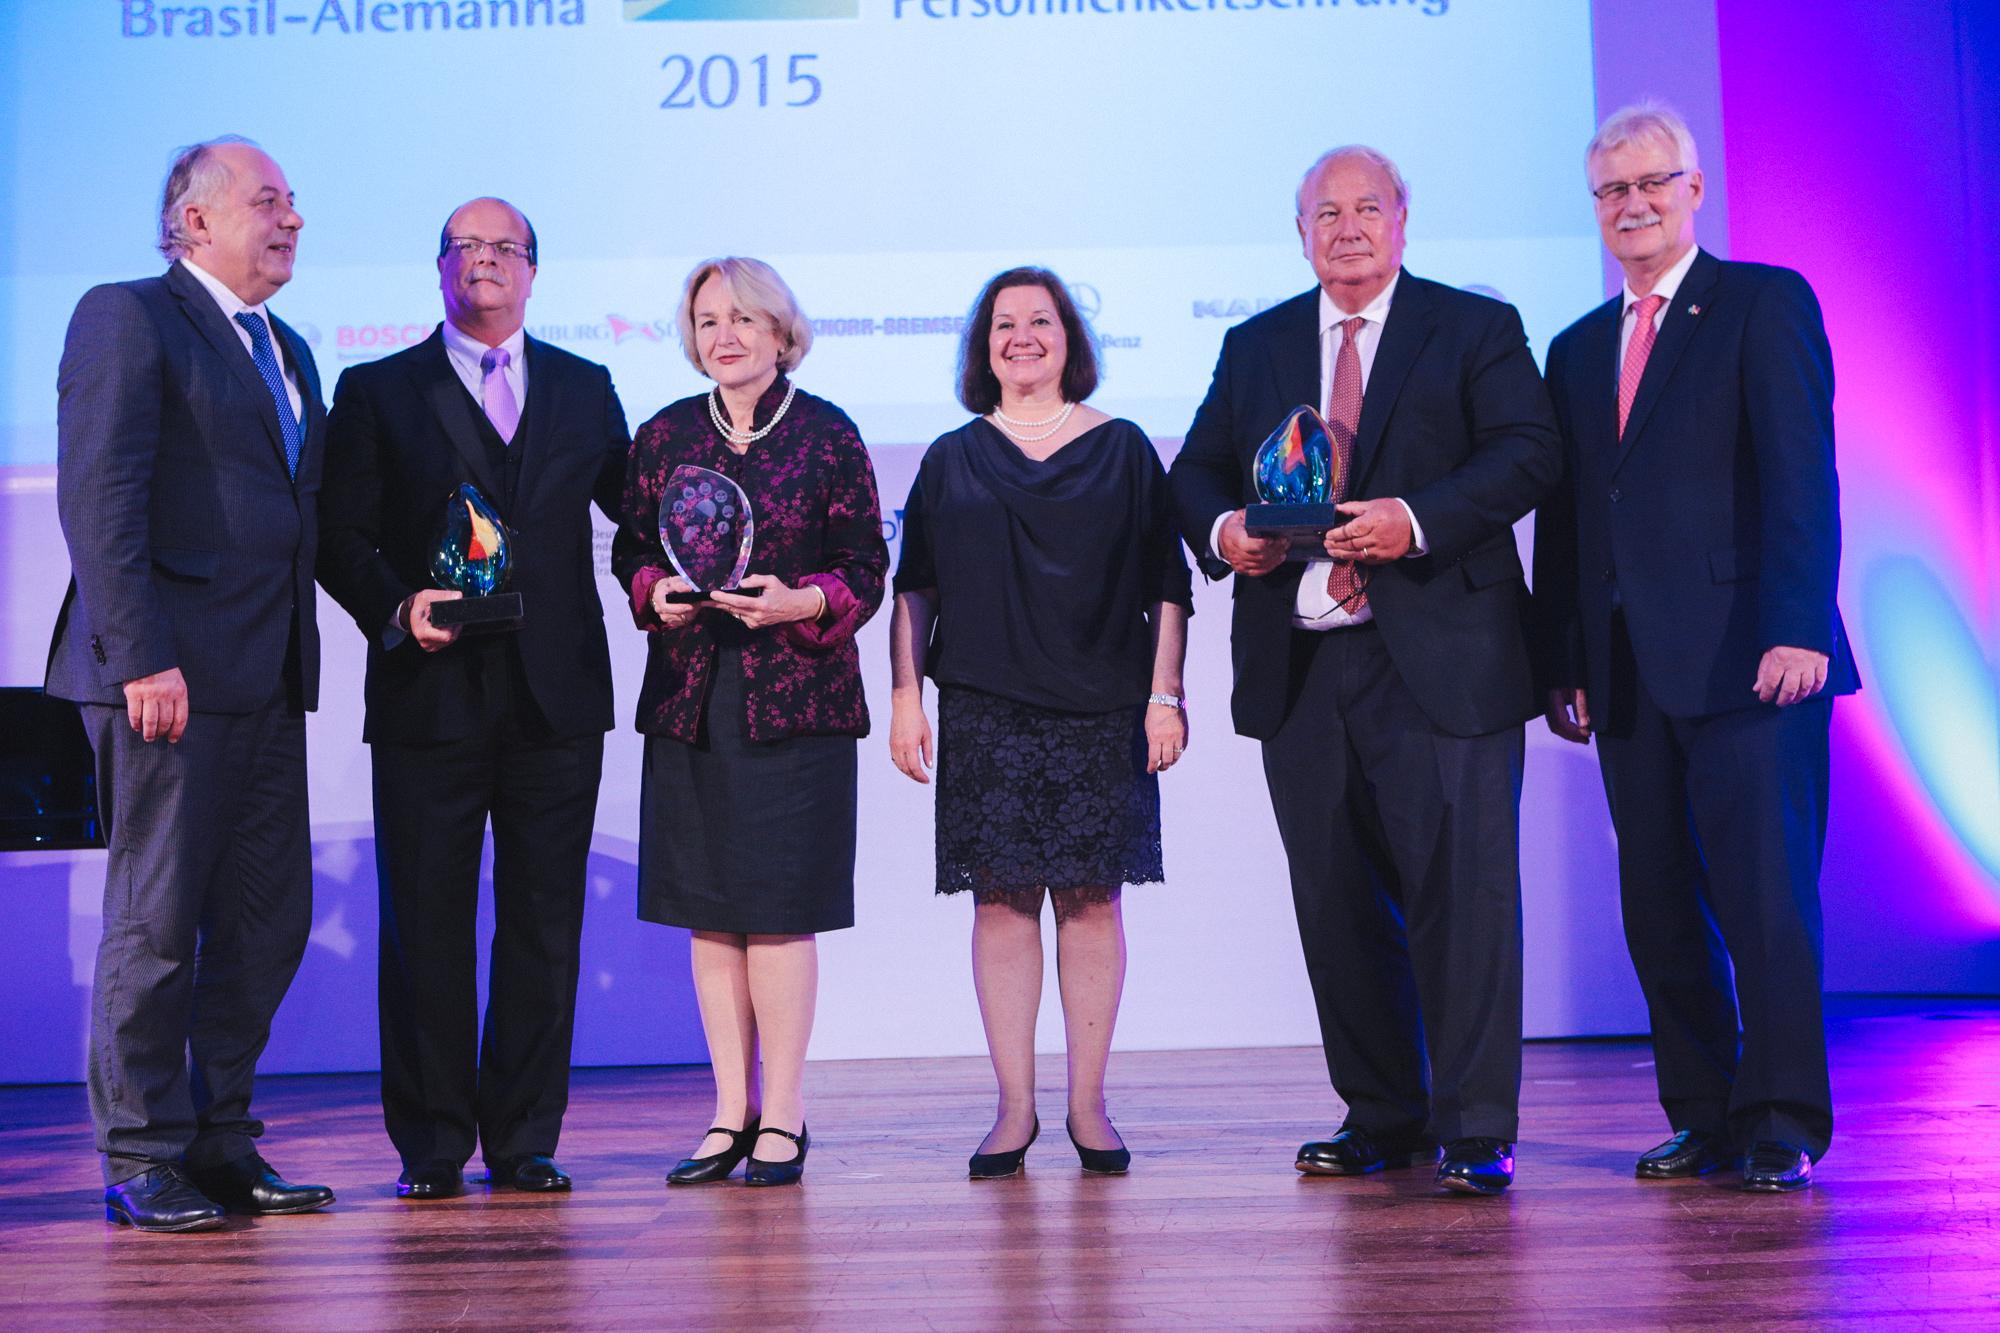 http://www.rio-cologne.de/wp-content/uploads/2016/09/Dt_brasil_Journalistenpreis2015_2.jpg